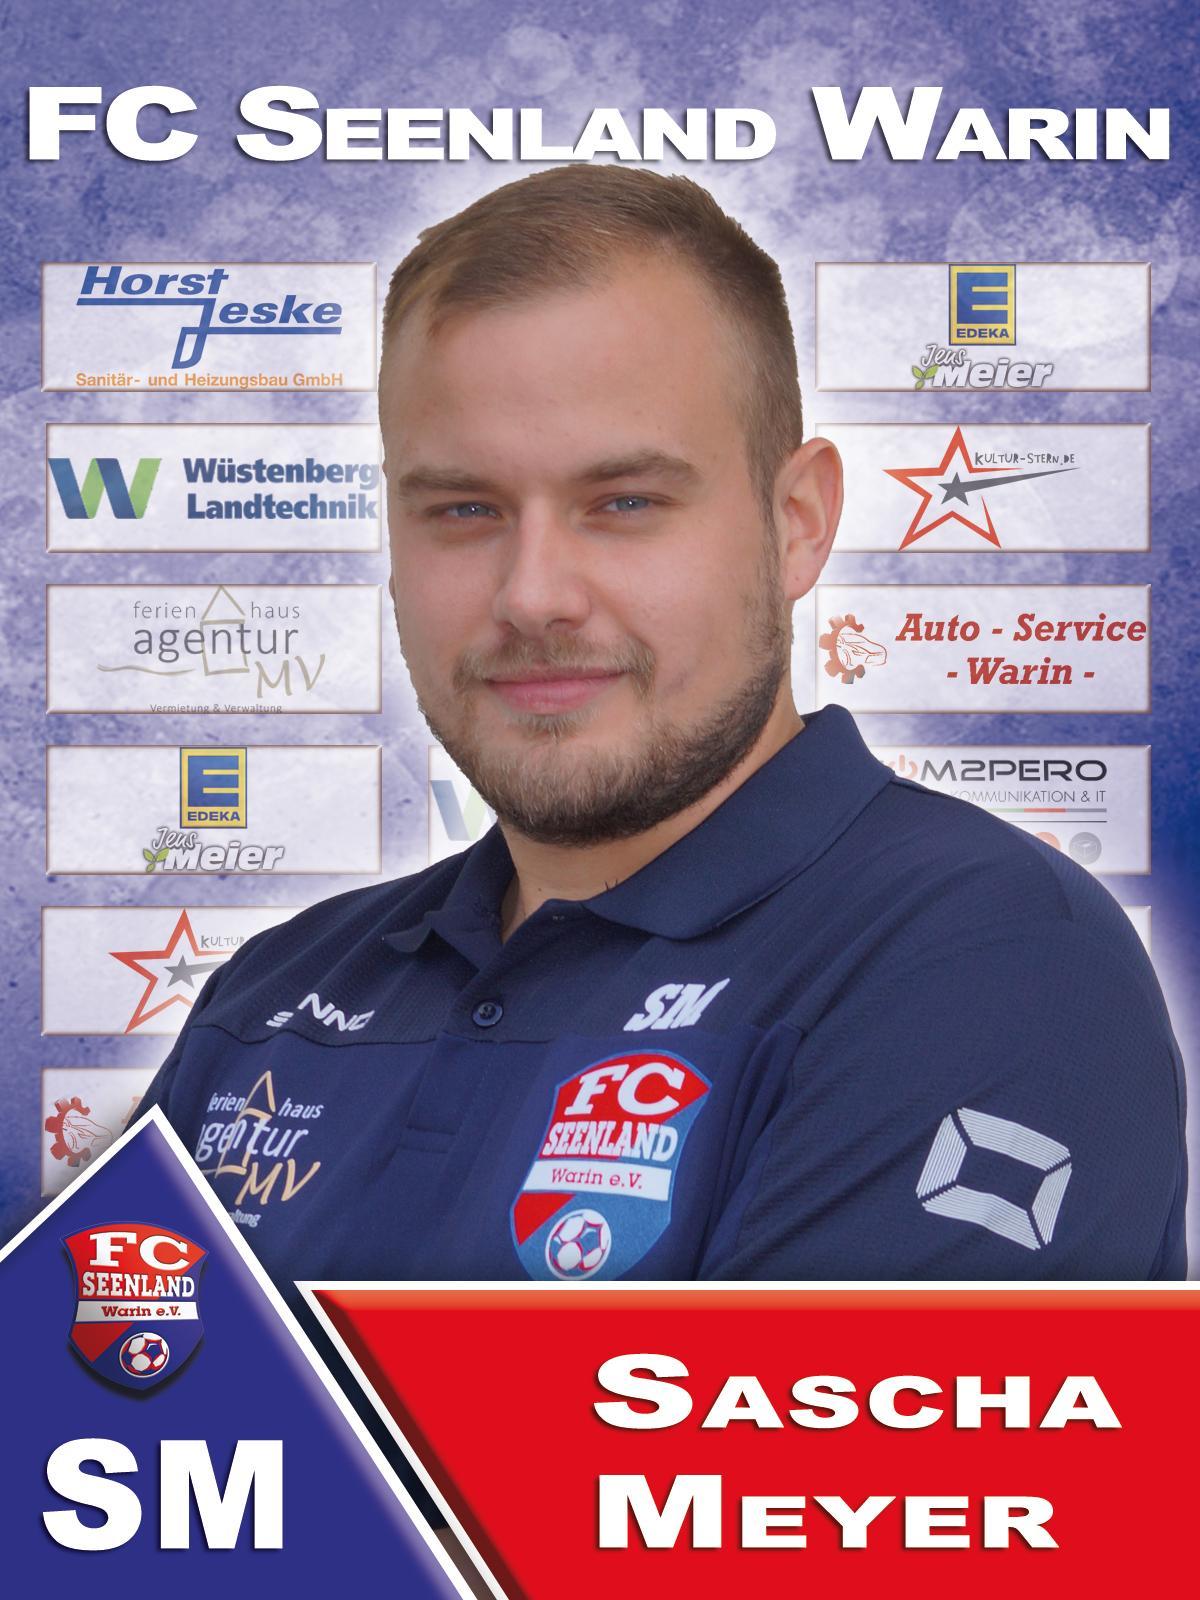 Sascha Meyer